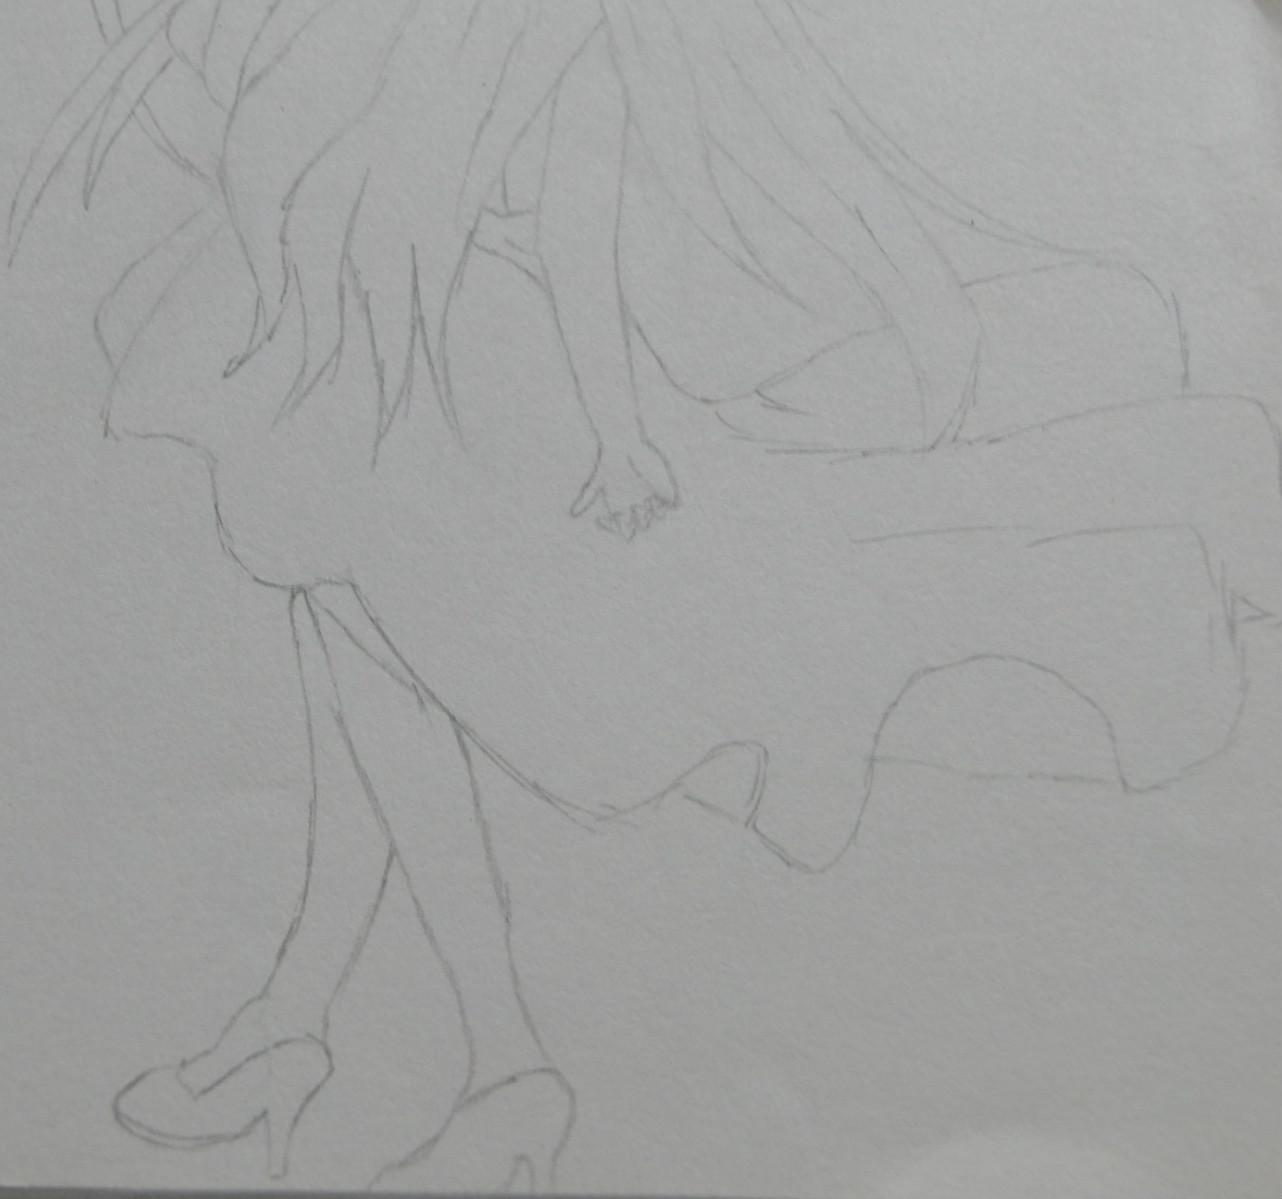 【冥霜】手绘